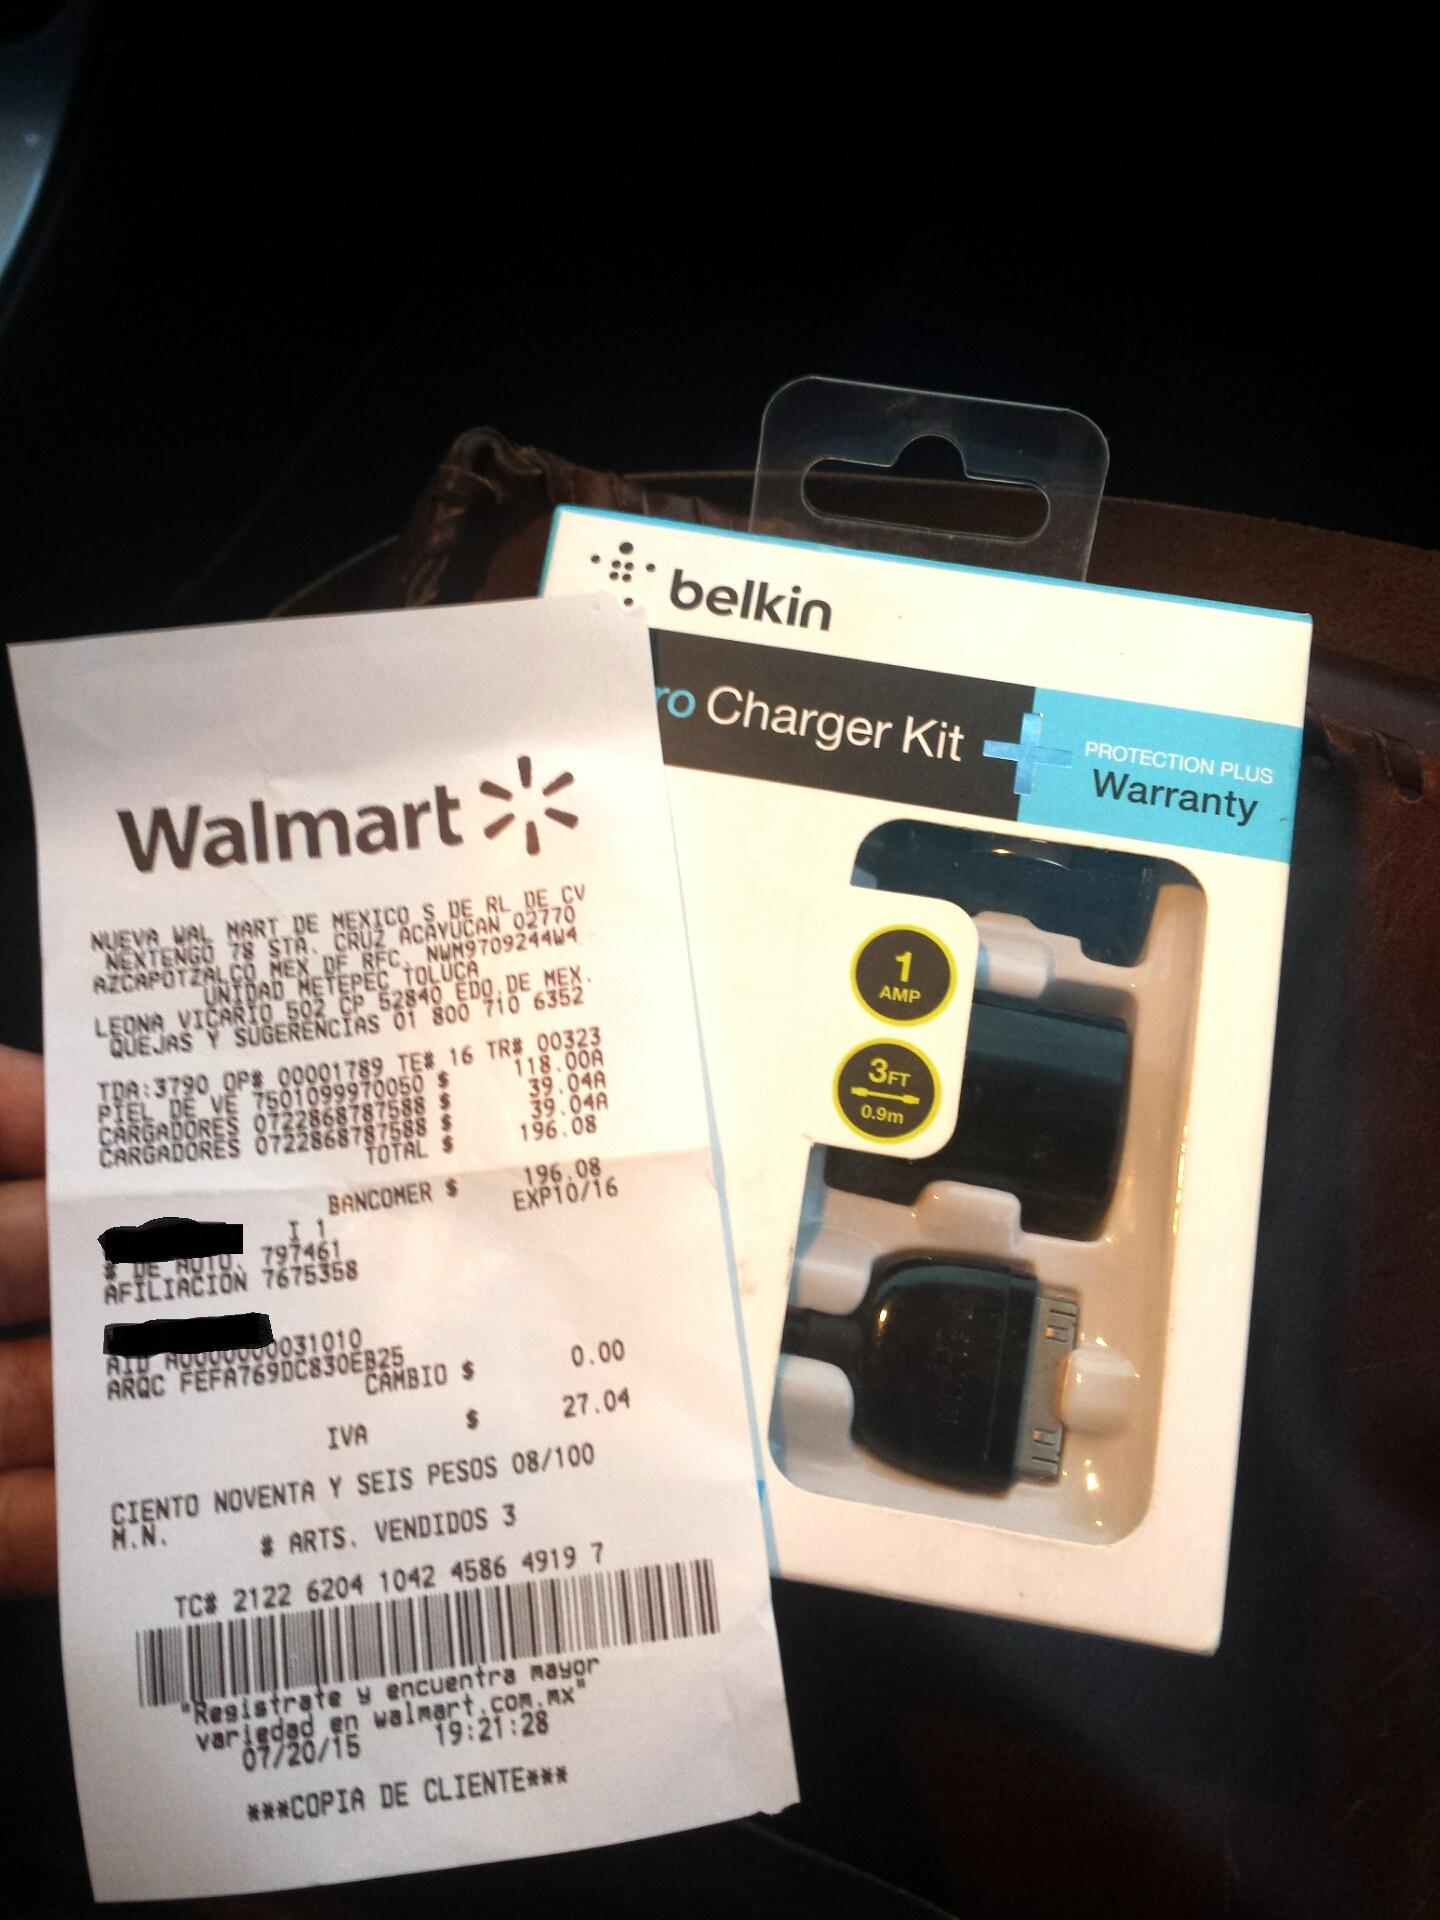 Walmart - Cargador de Auto y de pared marca Belkin a 39.04